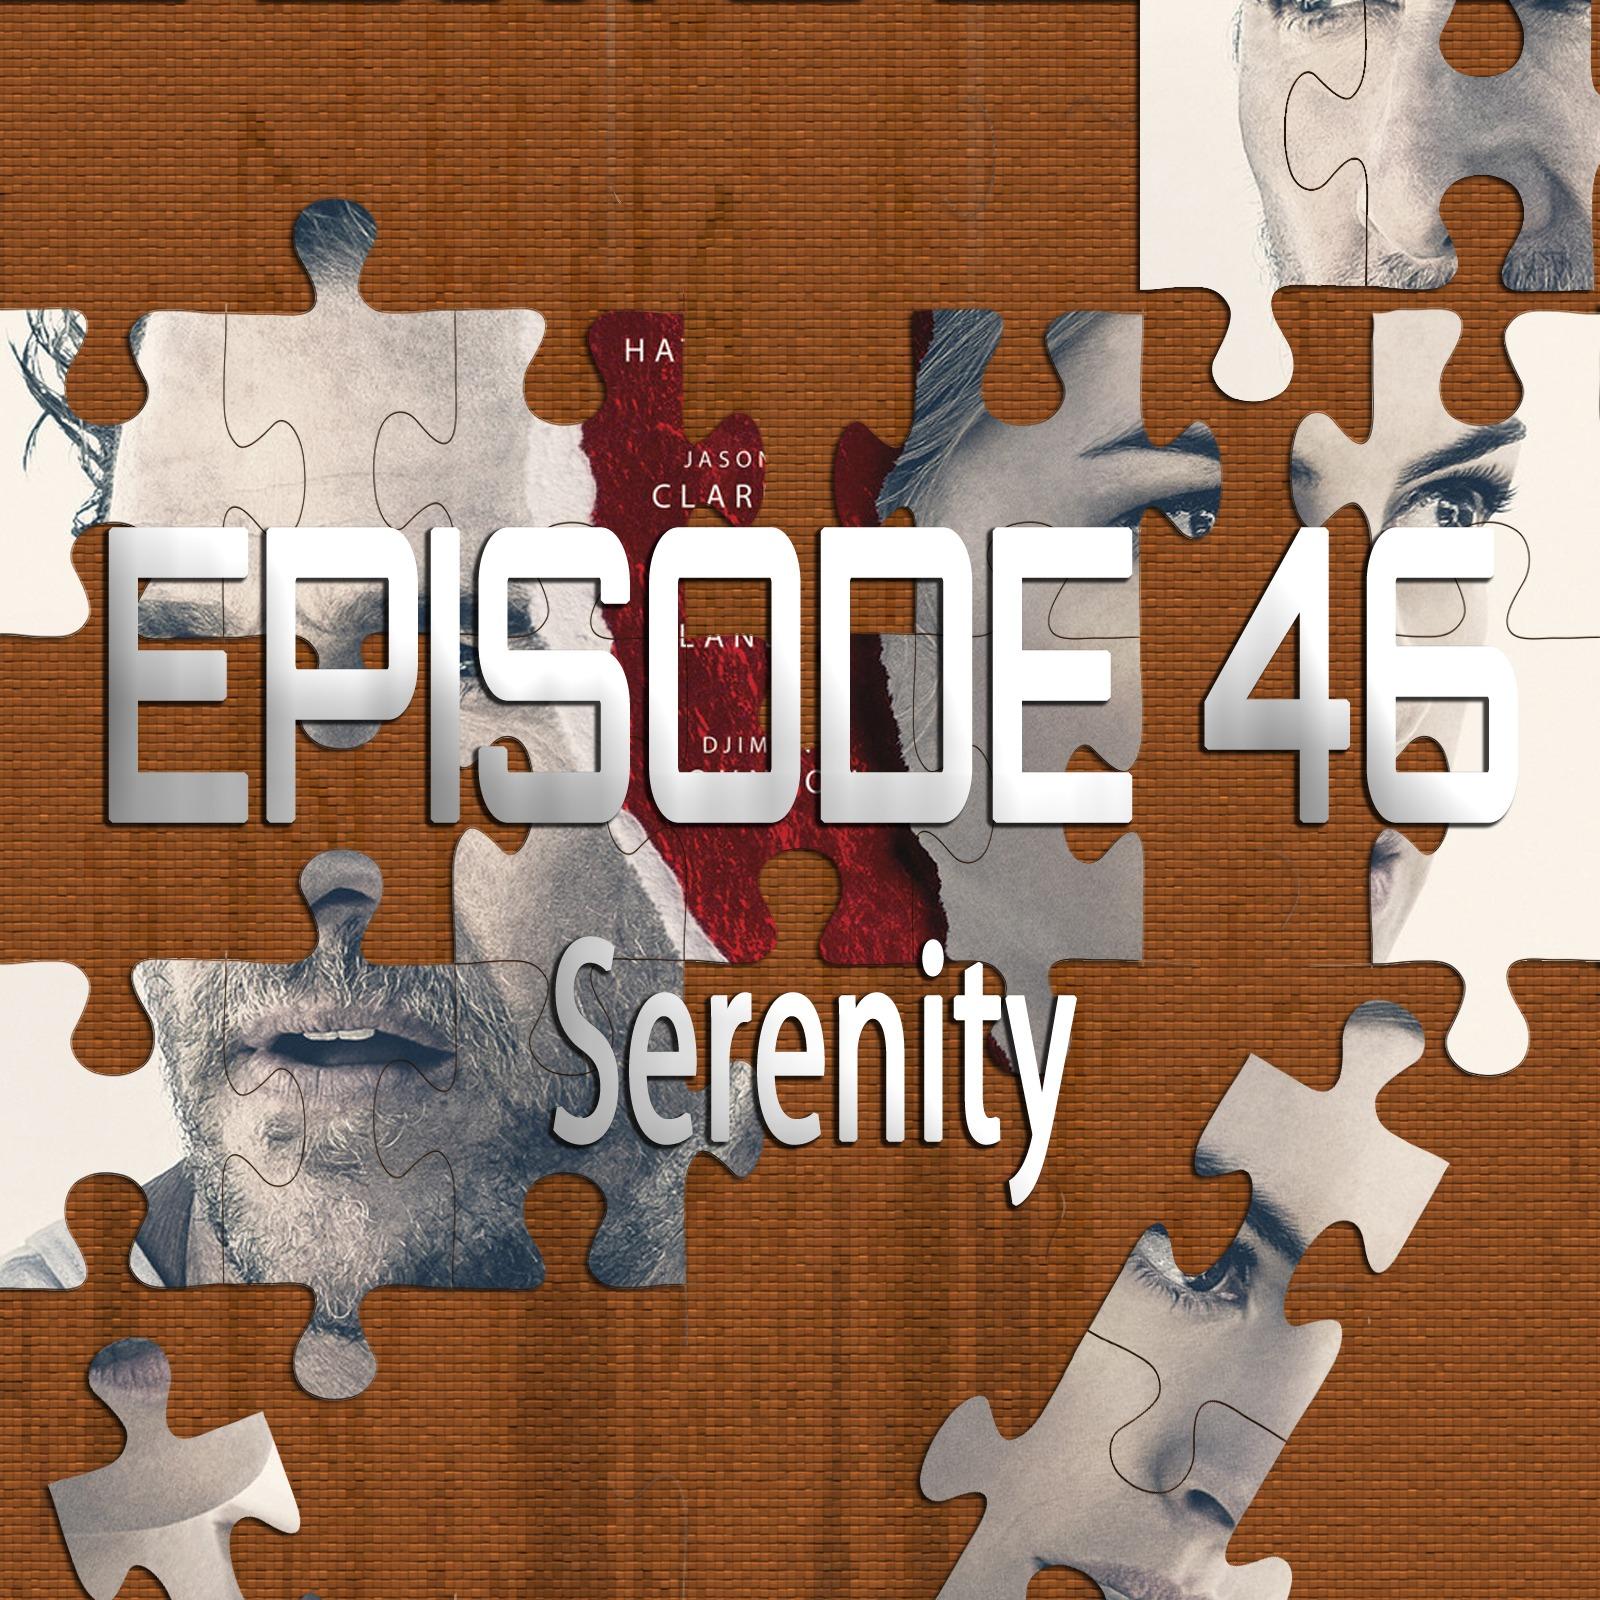 Serenity (Featuring Kristen Lopez)